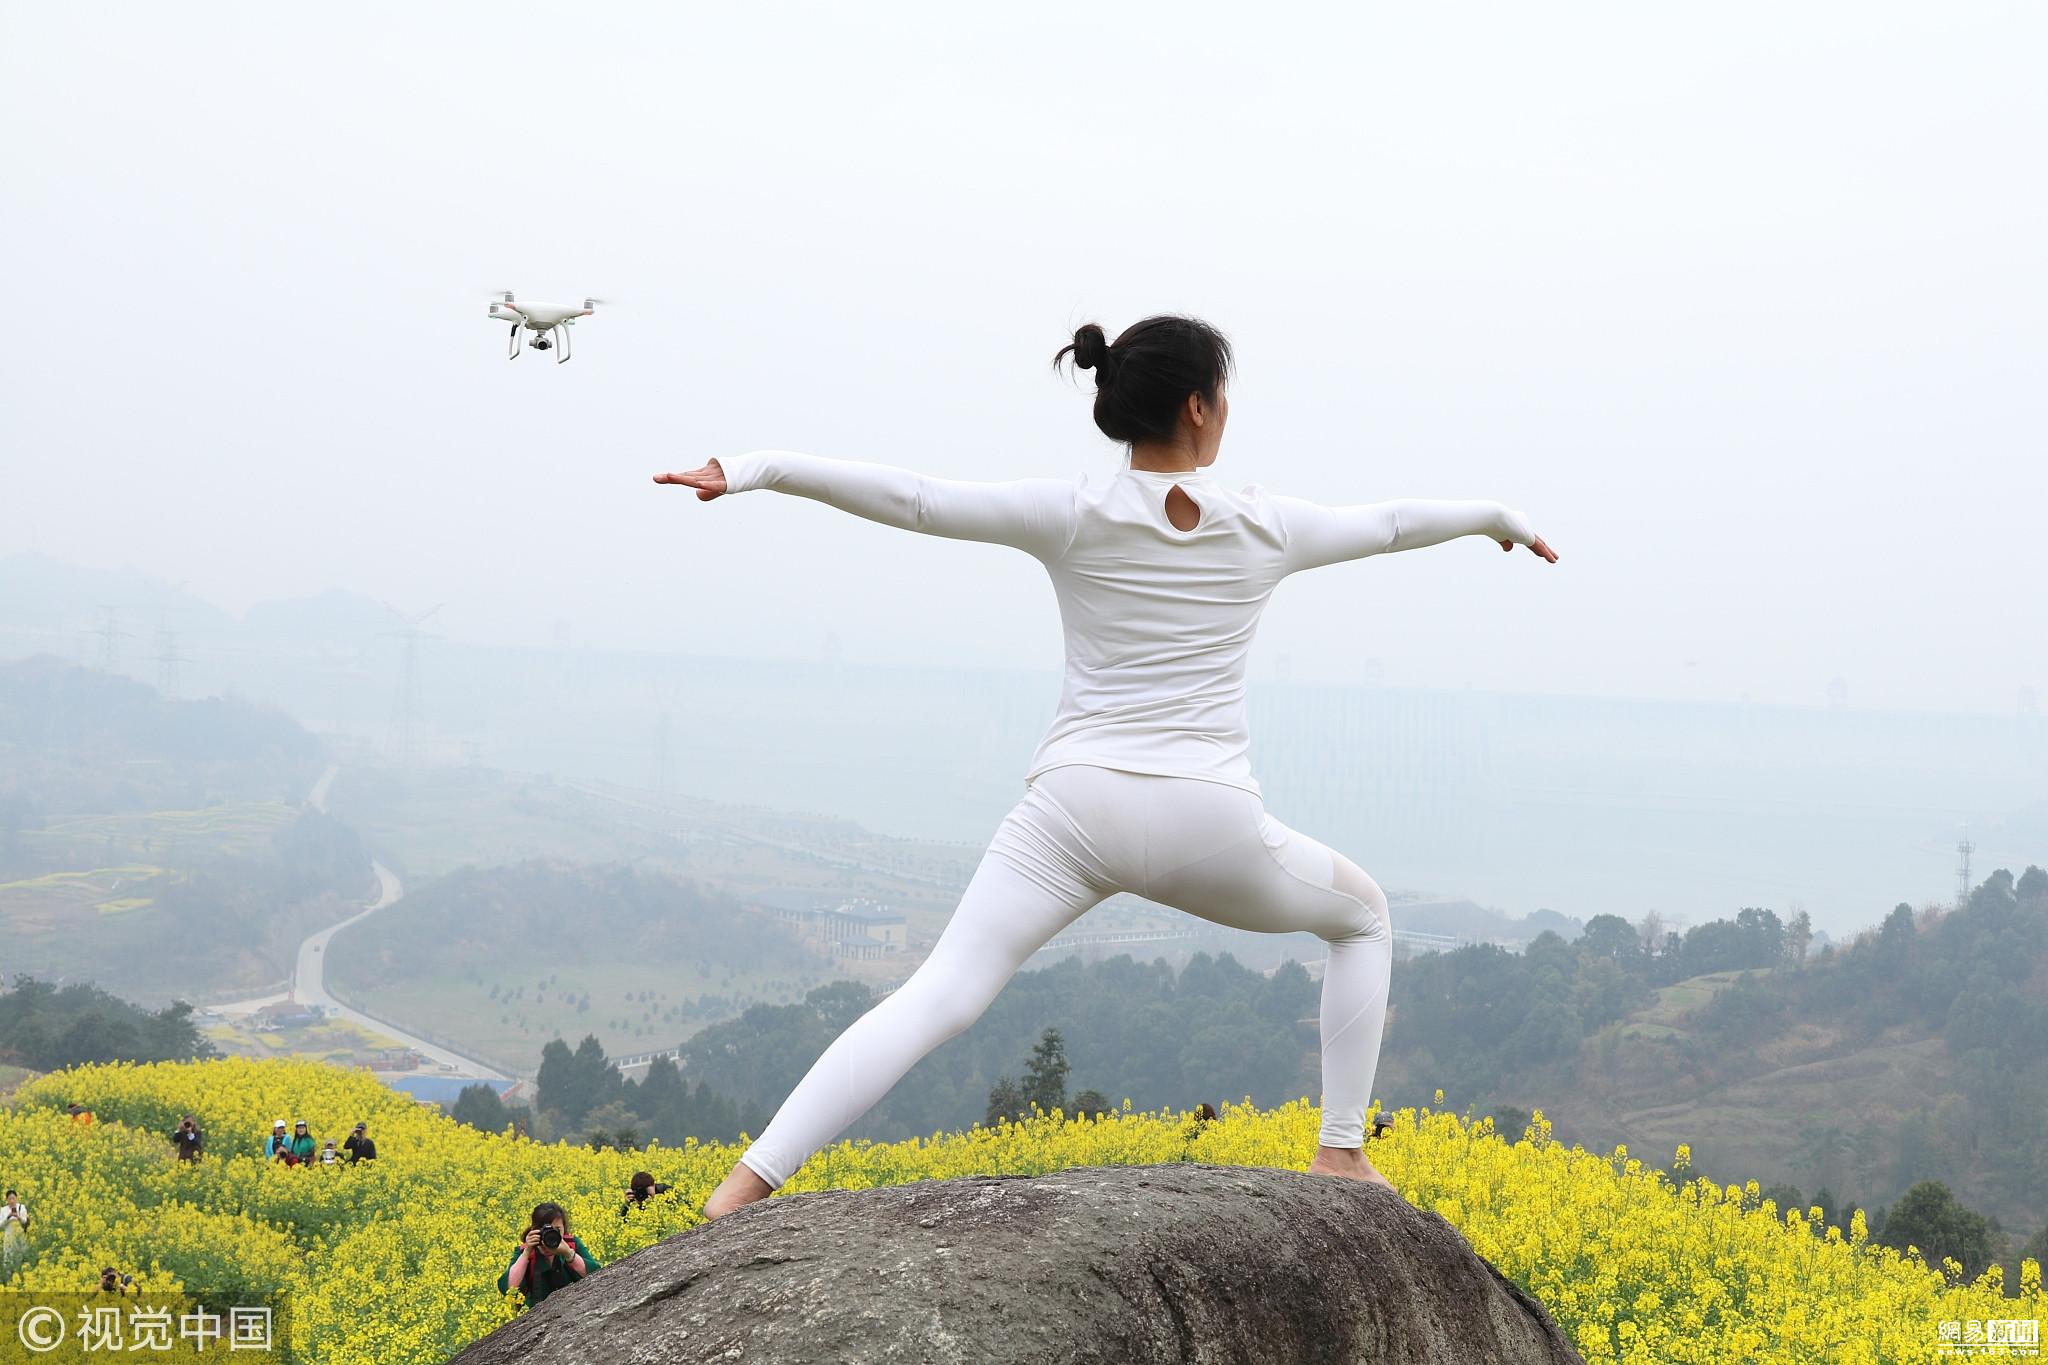 三峡大坝油菜花盛开 网红大妈练瑜伽